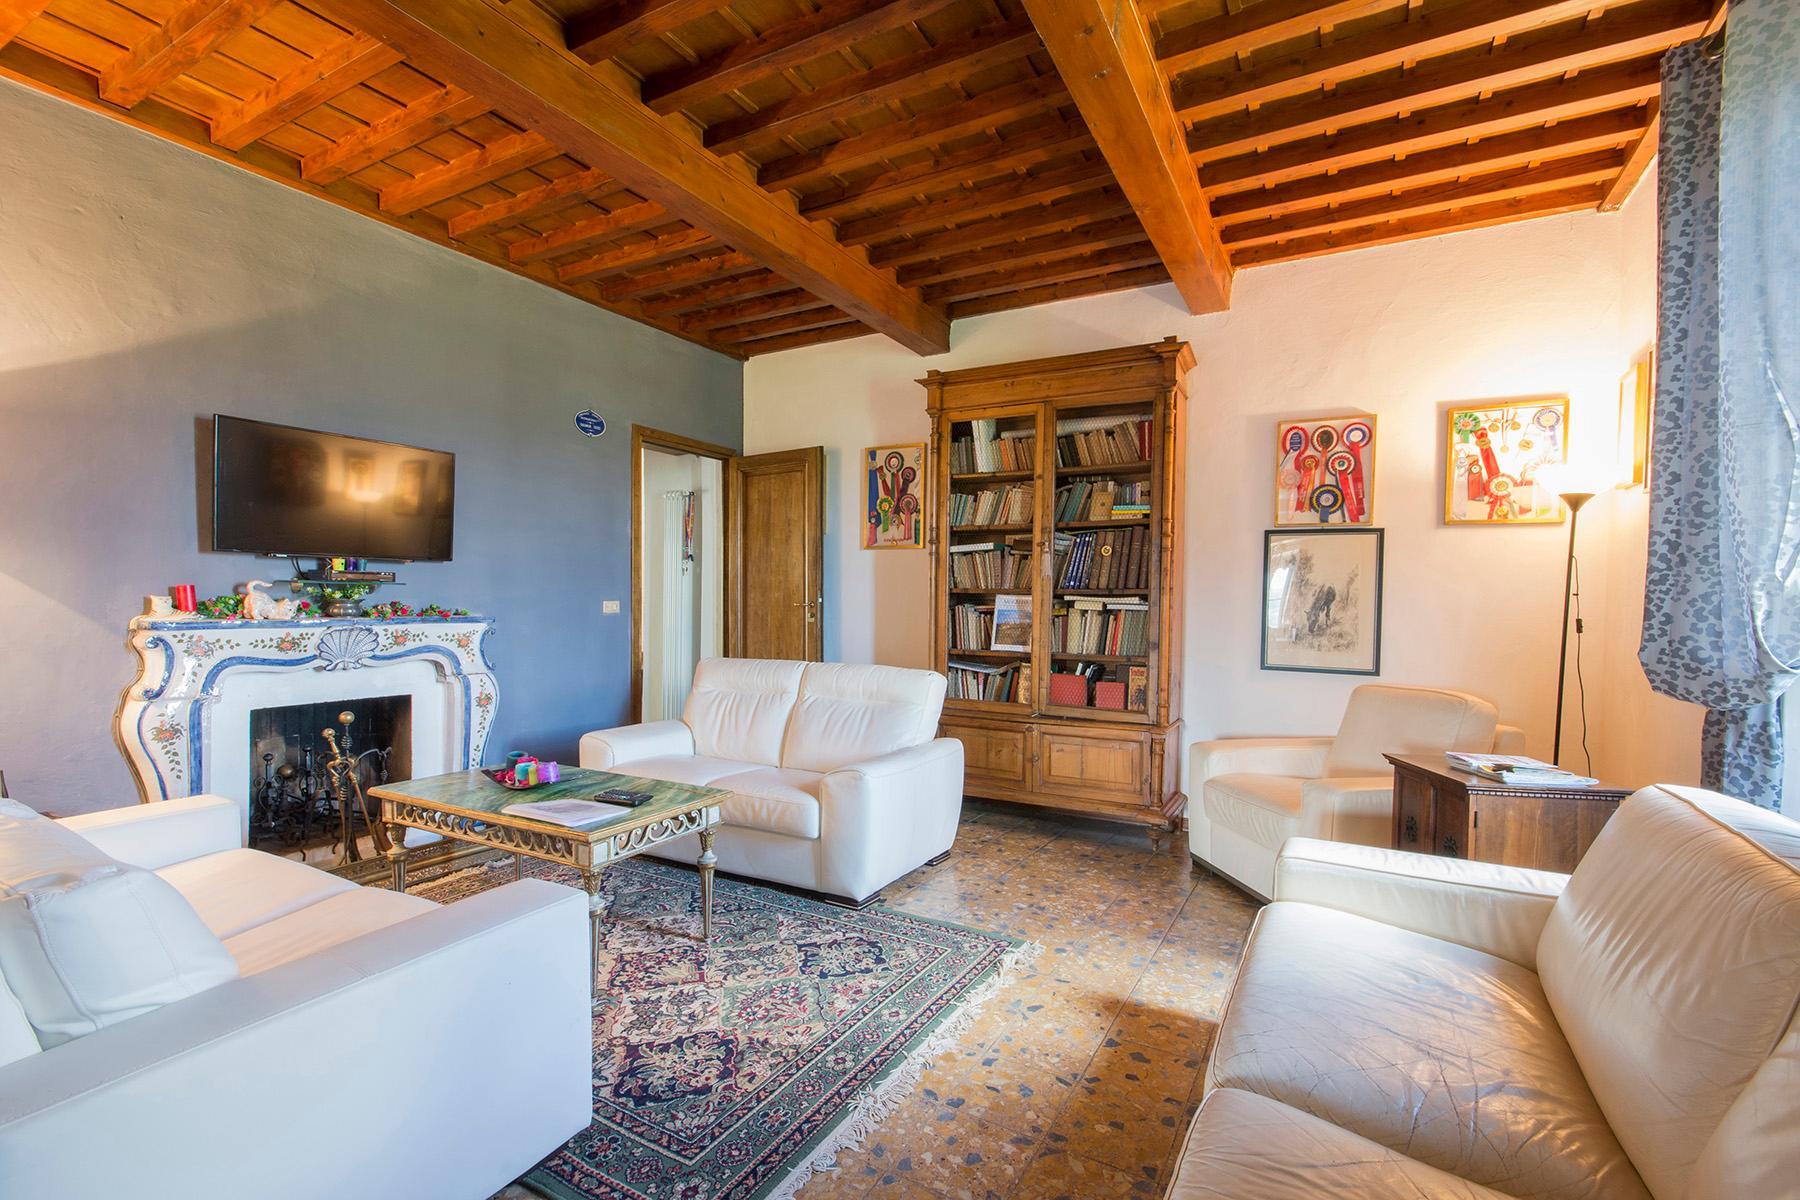 Affascinante Villa Signorile nella Val di Sieve - 16